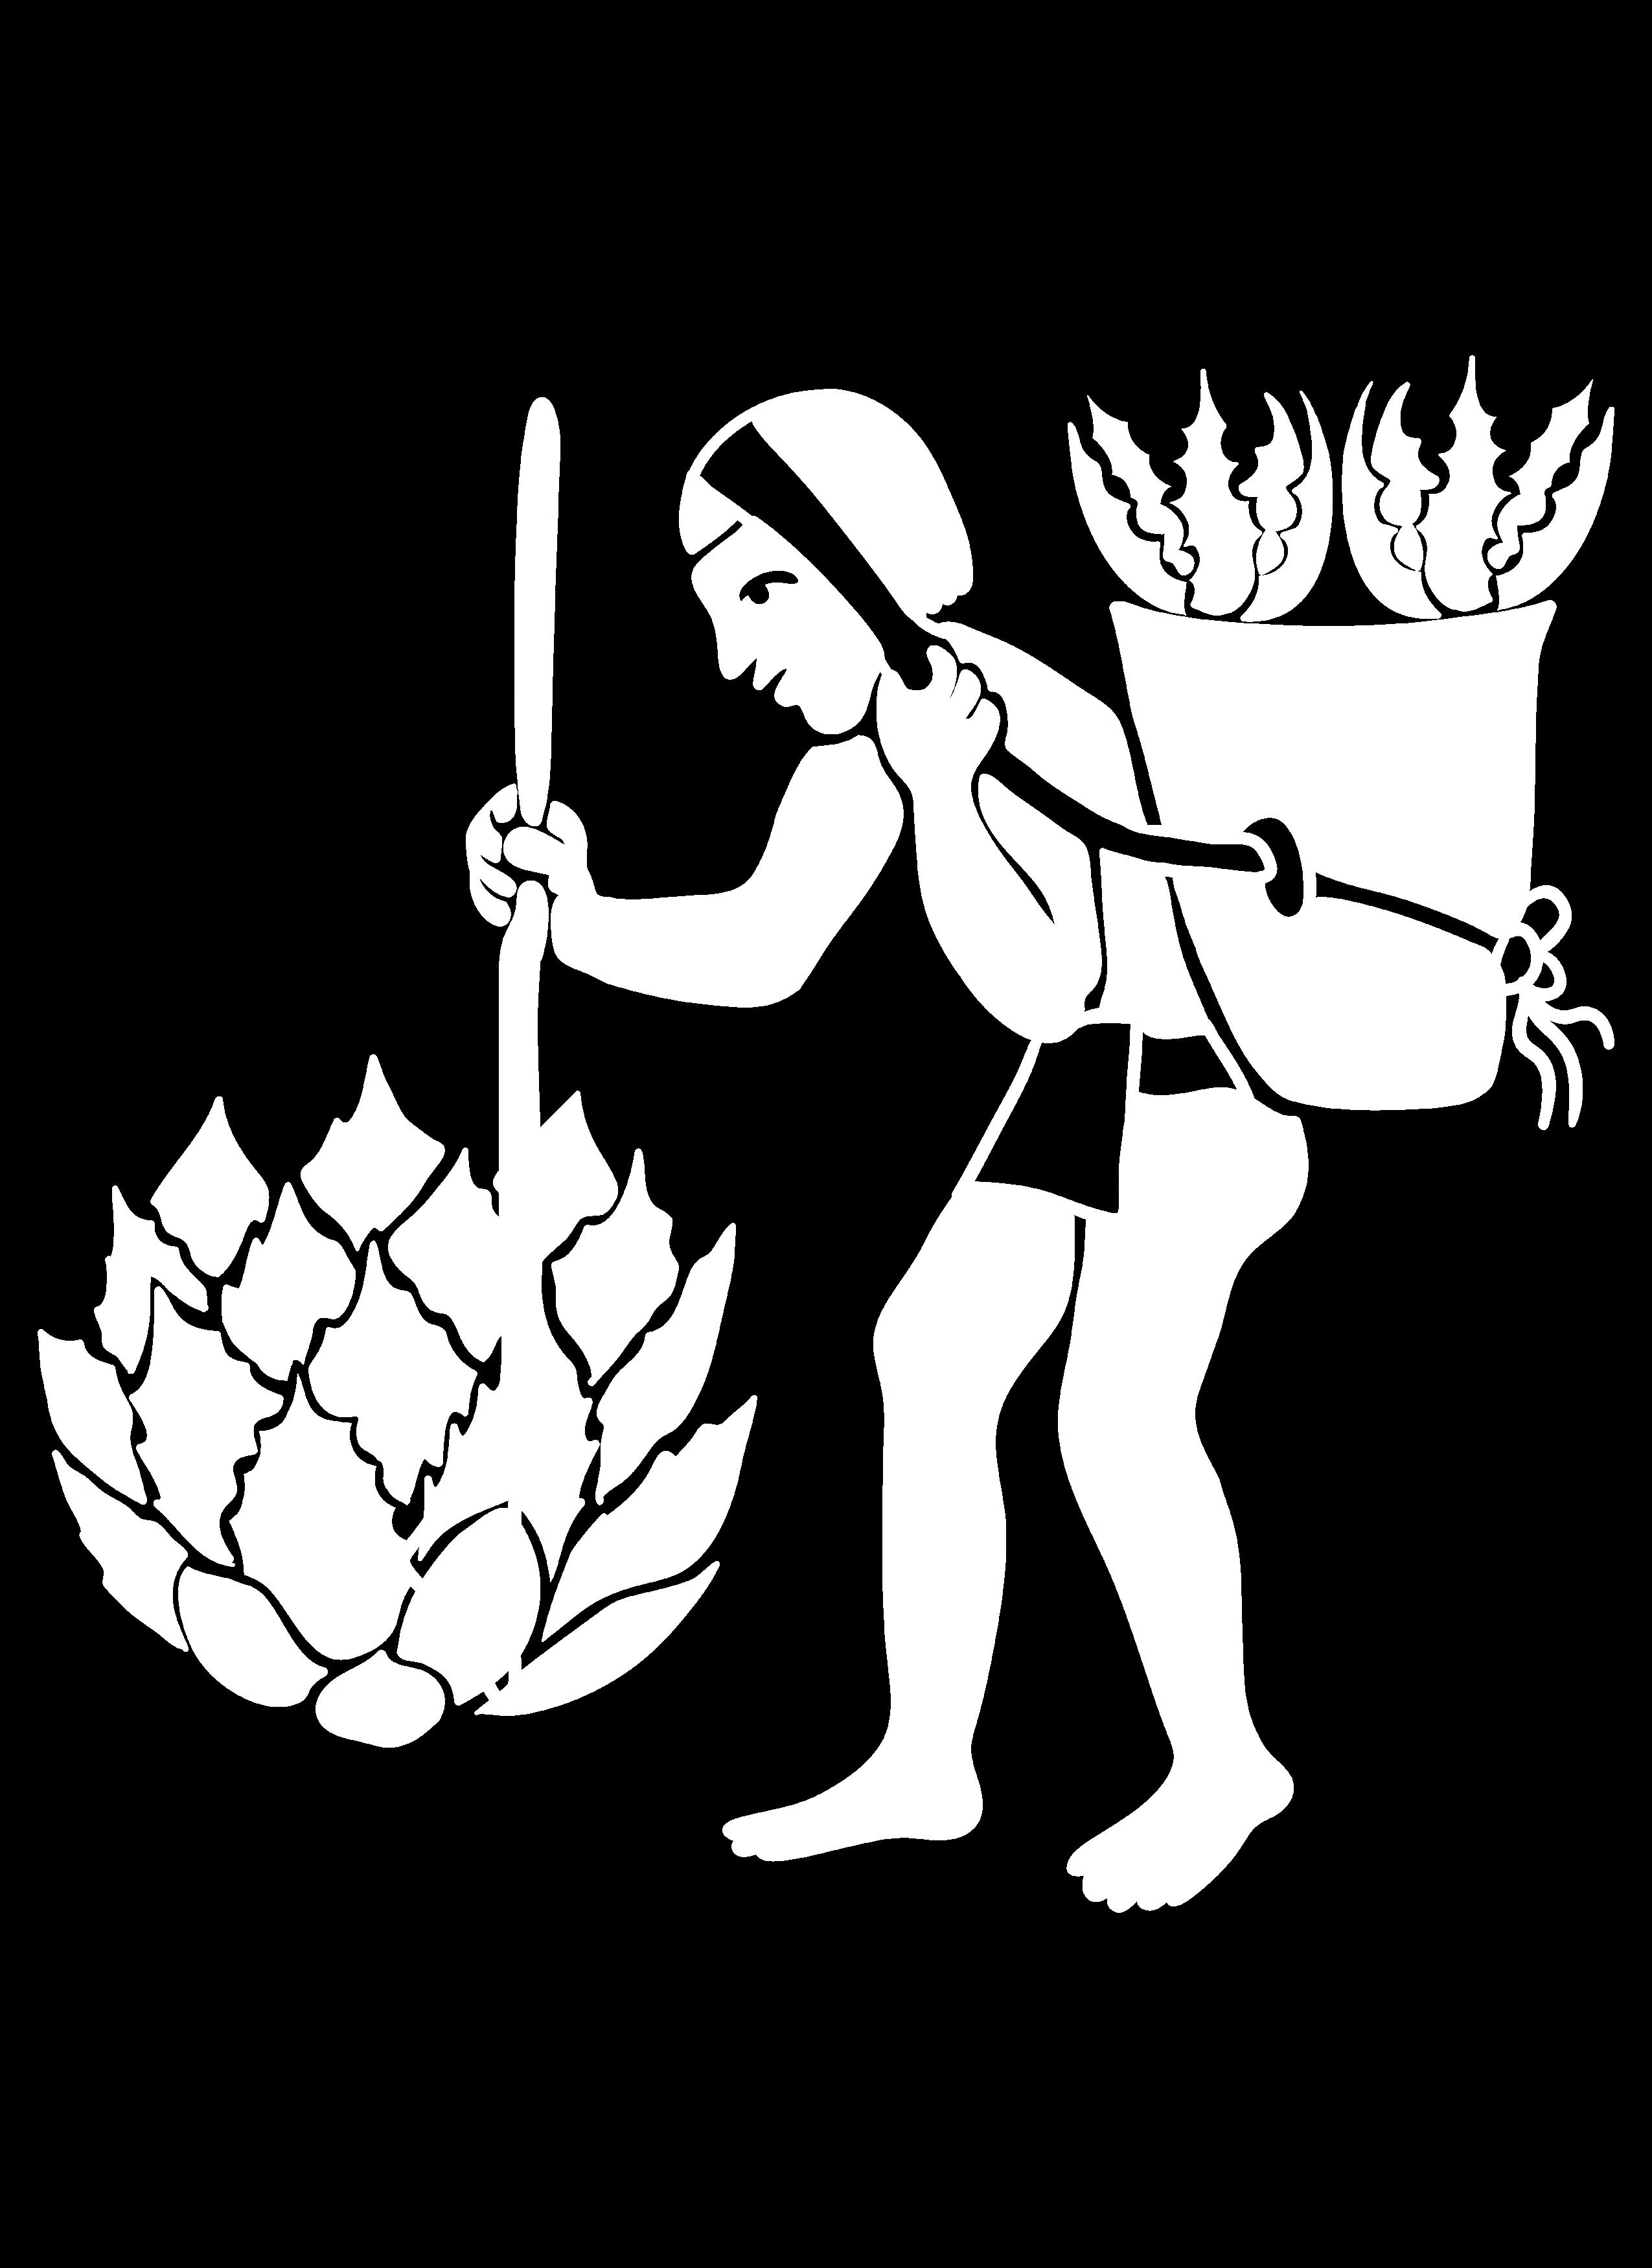 Azteca tlamati